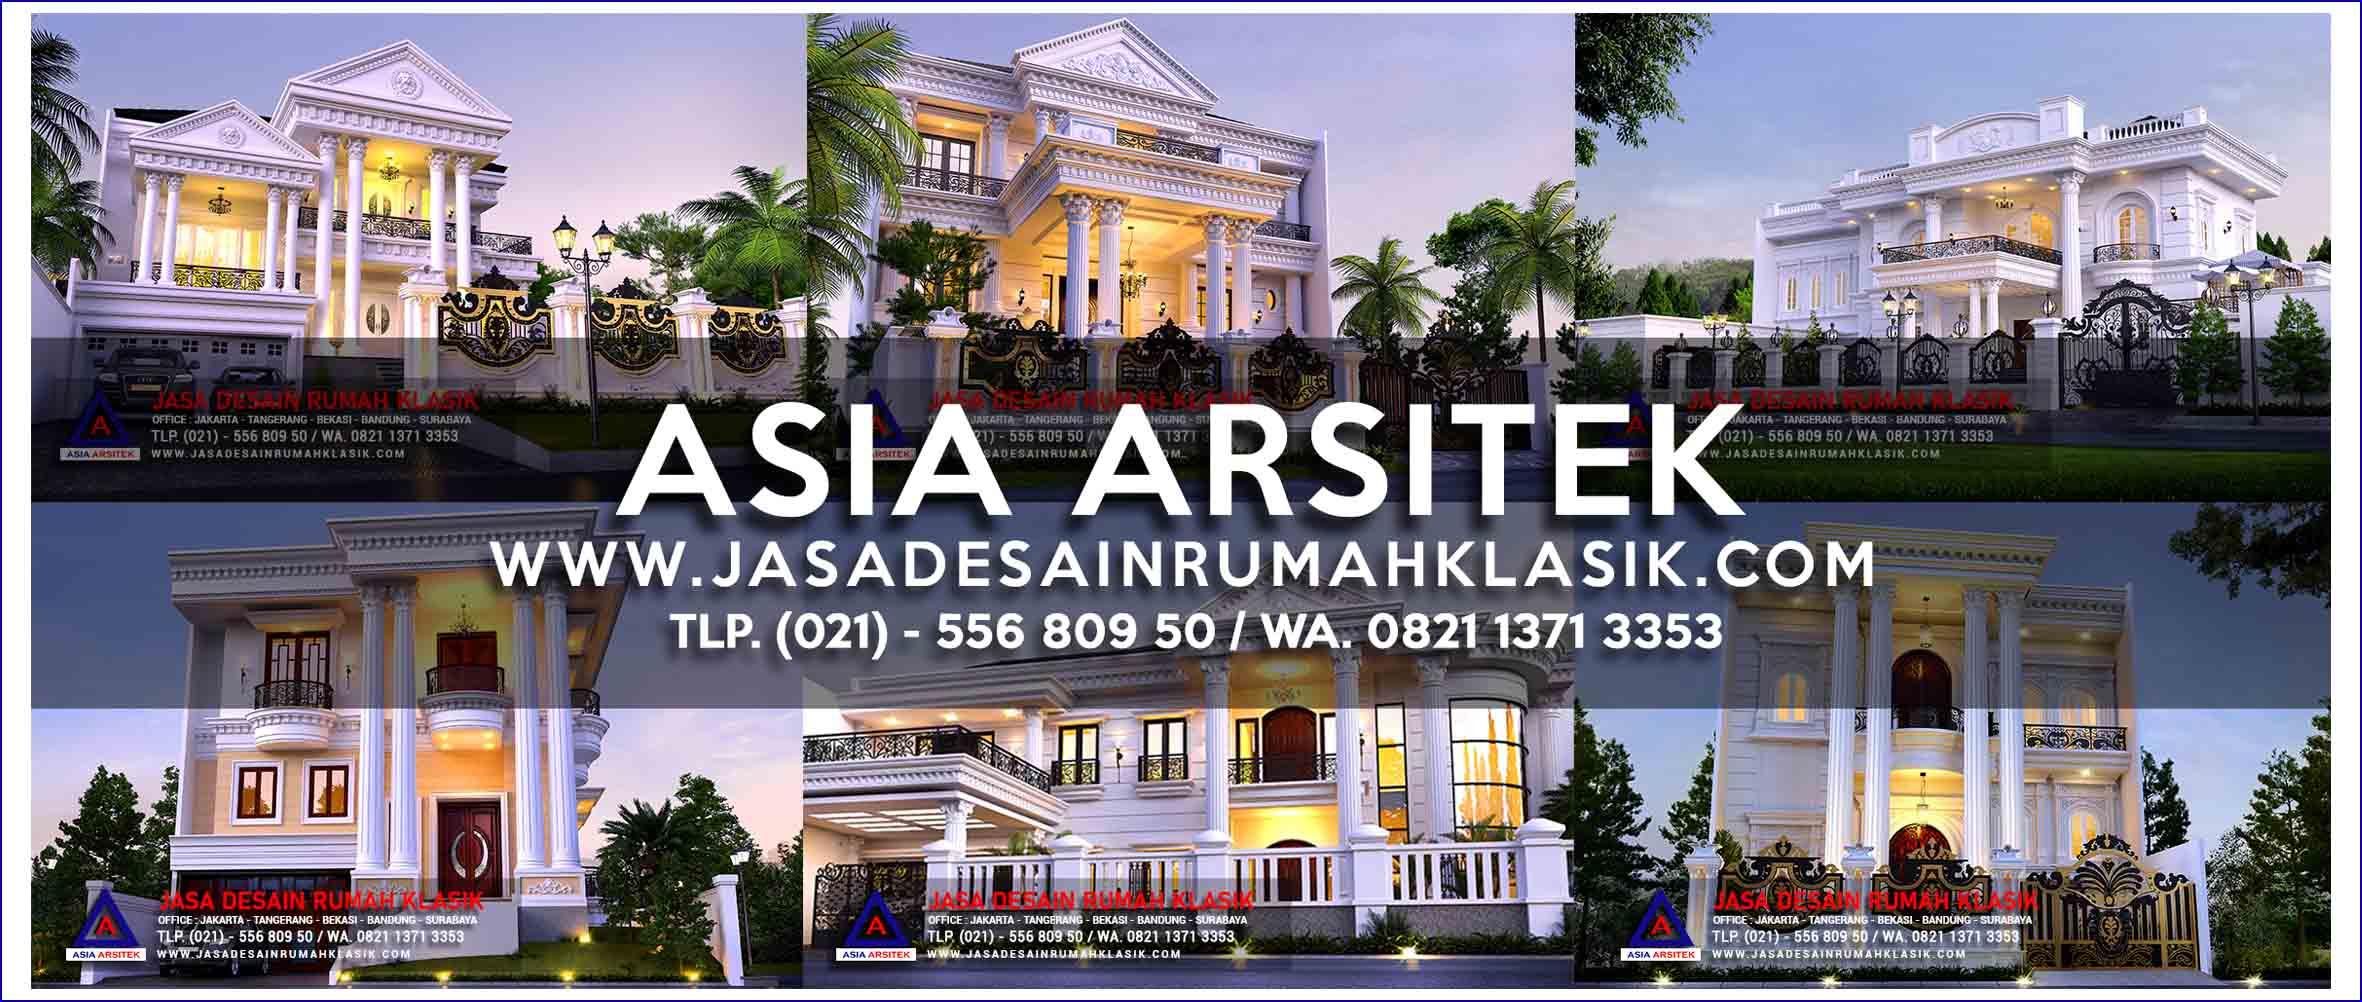 PORTOFOLIO DESAIN | Jasa Desain Rumah Klasik | Jasa Desain Rumah Mewah | Rumah Klasik Indonesia | Rumah Klasik Modern | Rumah Klasik Hook | Rumah Klasik Jawa | Rumah Klasik Eropa